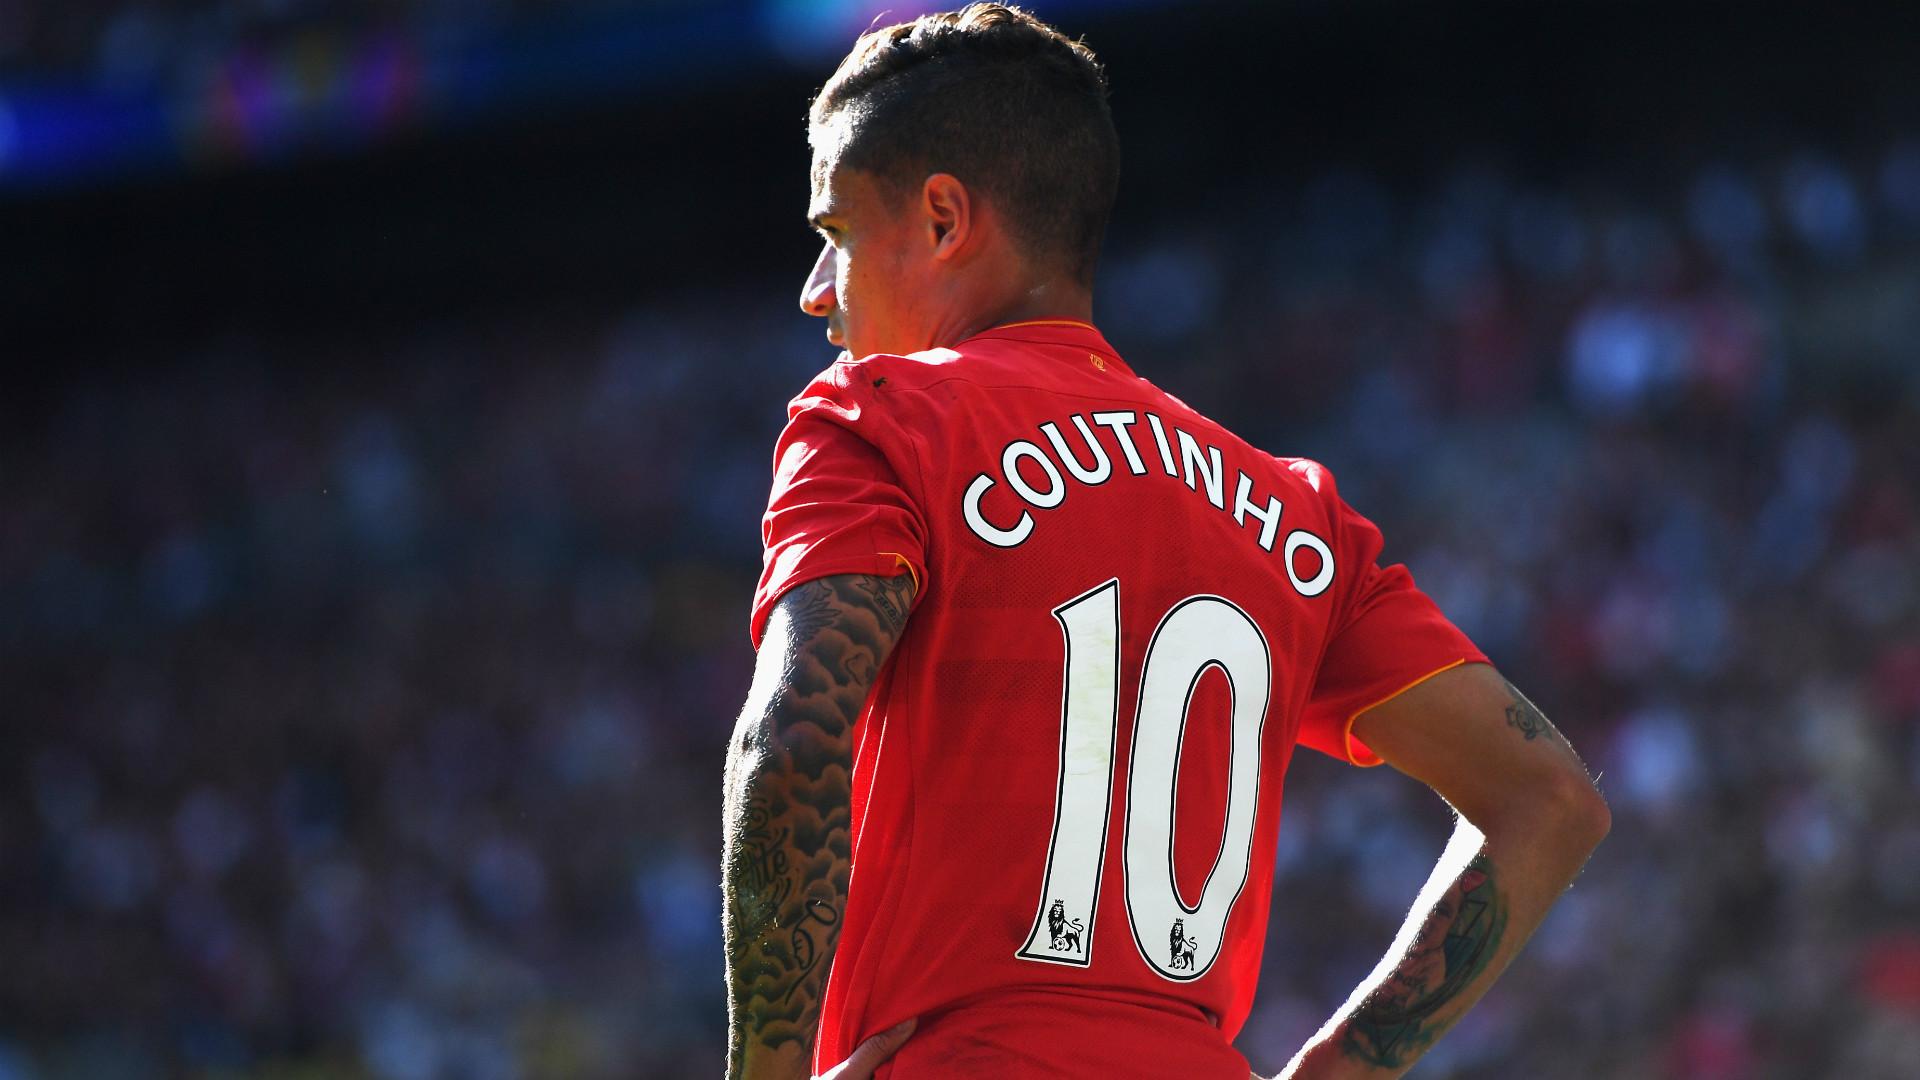 Coutinho veut quitter Liverpool pour rejoindre le Barça !